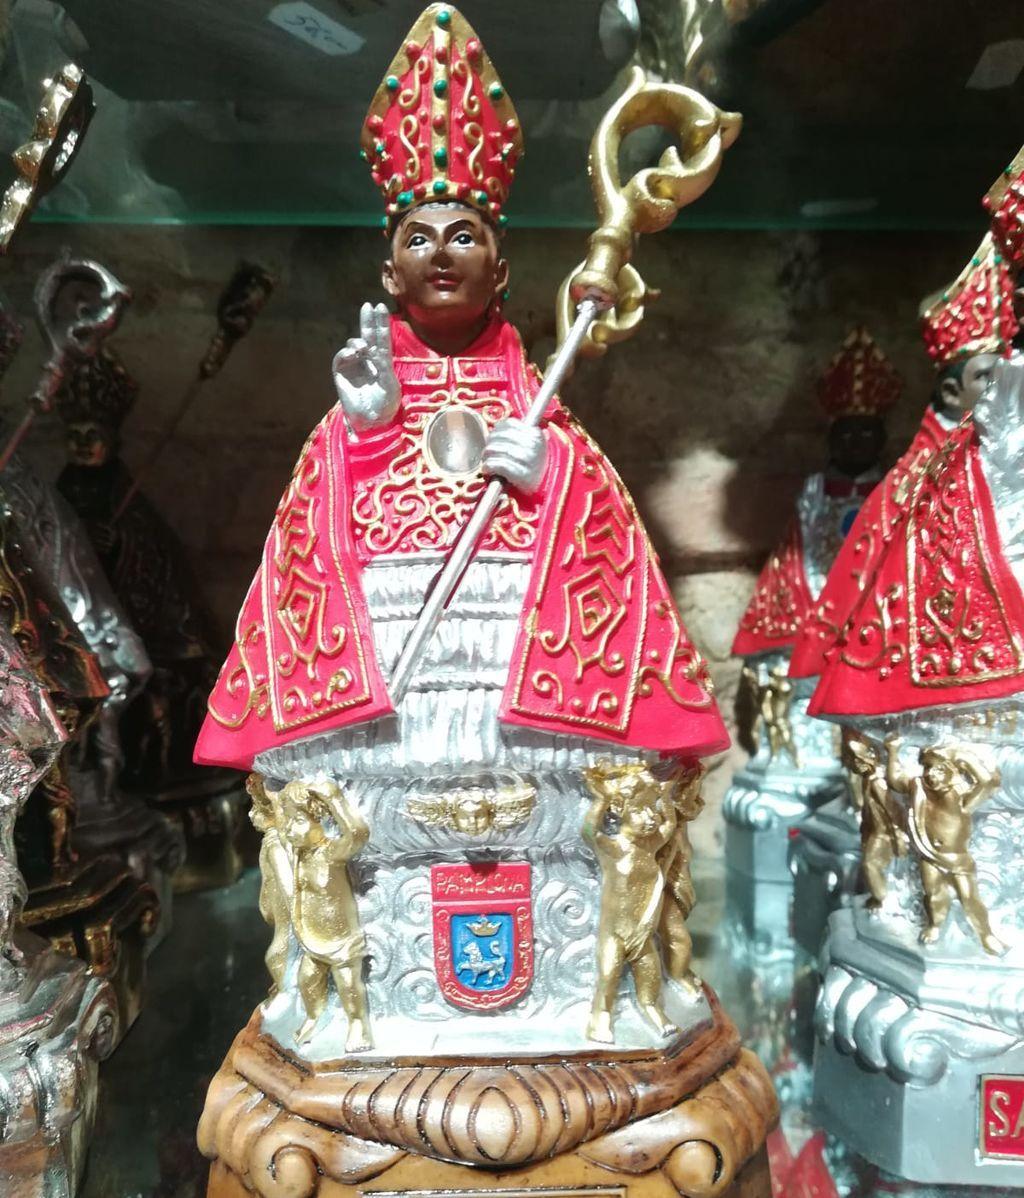 Los 'souvenirs' preferidos de los turistas